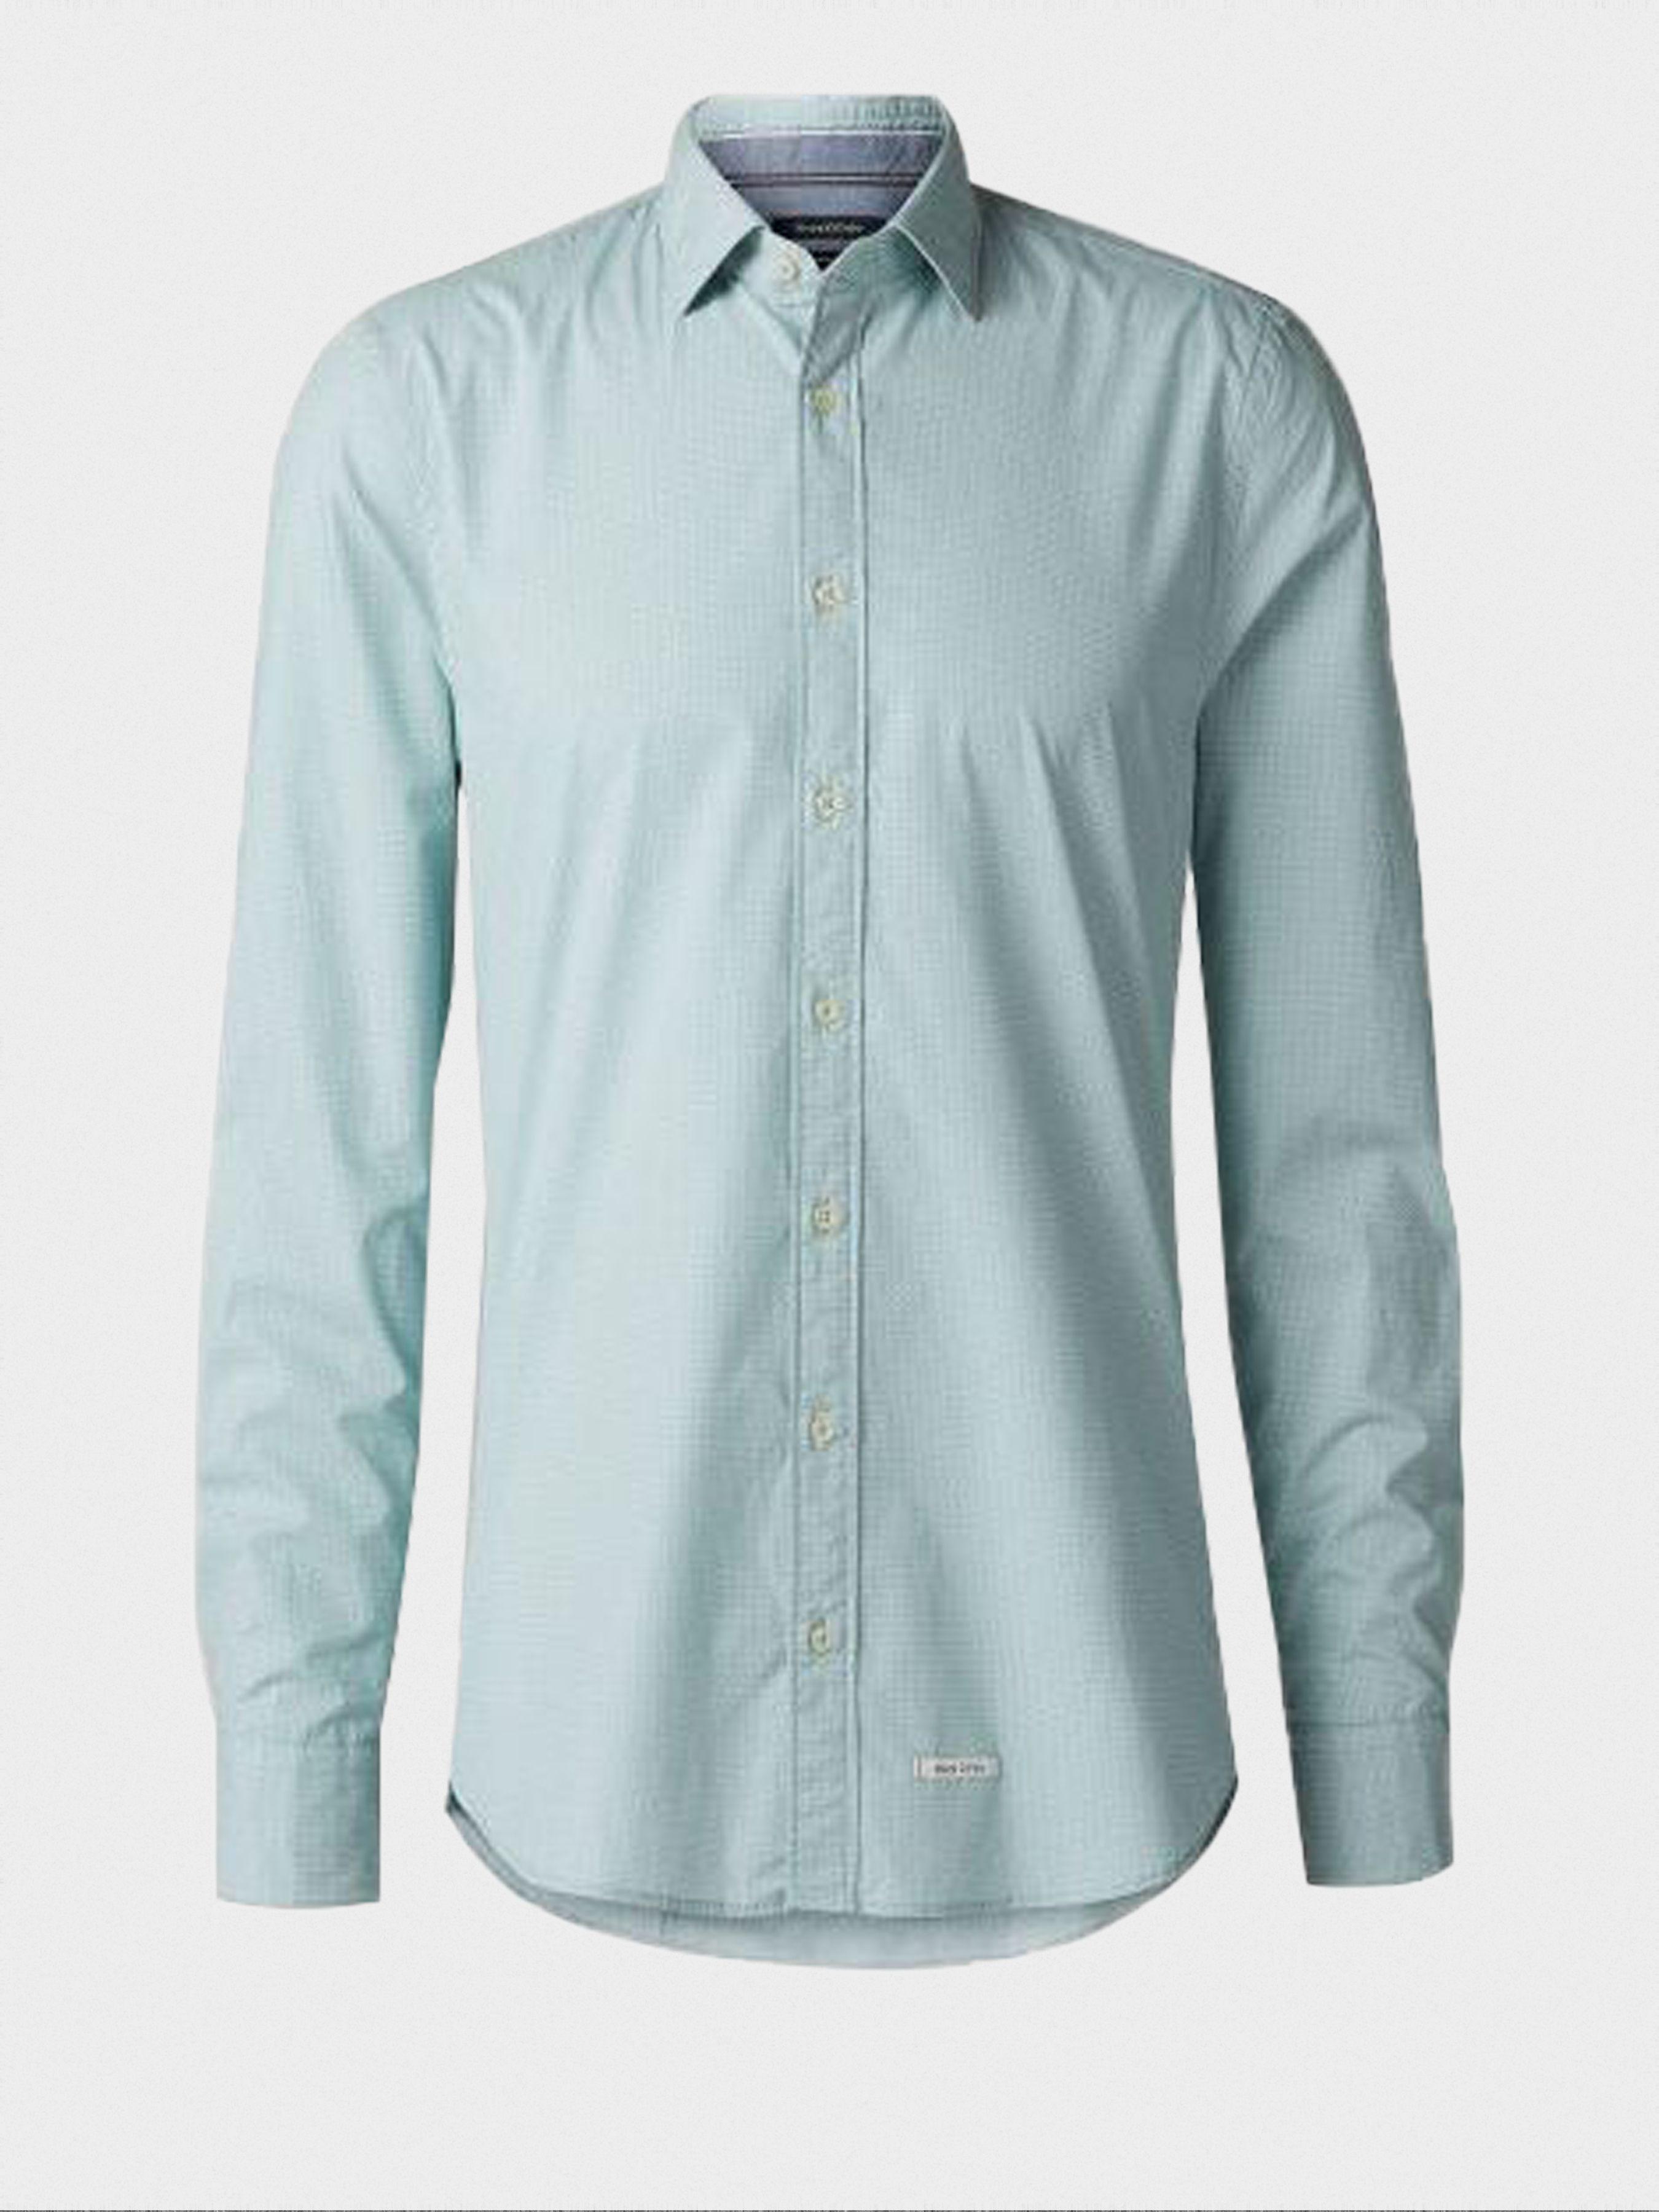 MARC O'POLO Рубашка с длинным рукавом мужские модель PE3179 купить, 2017